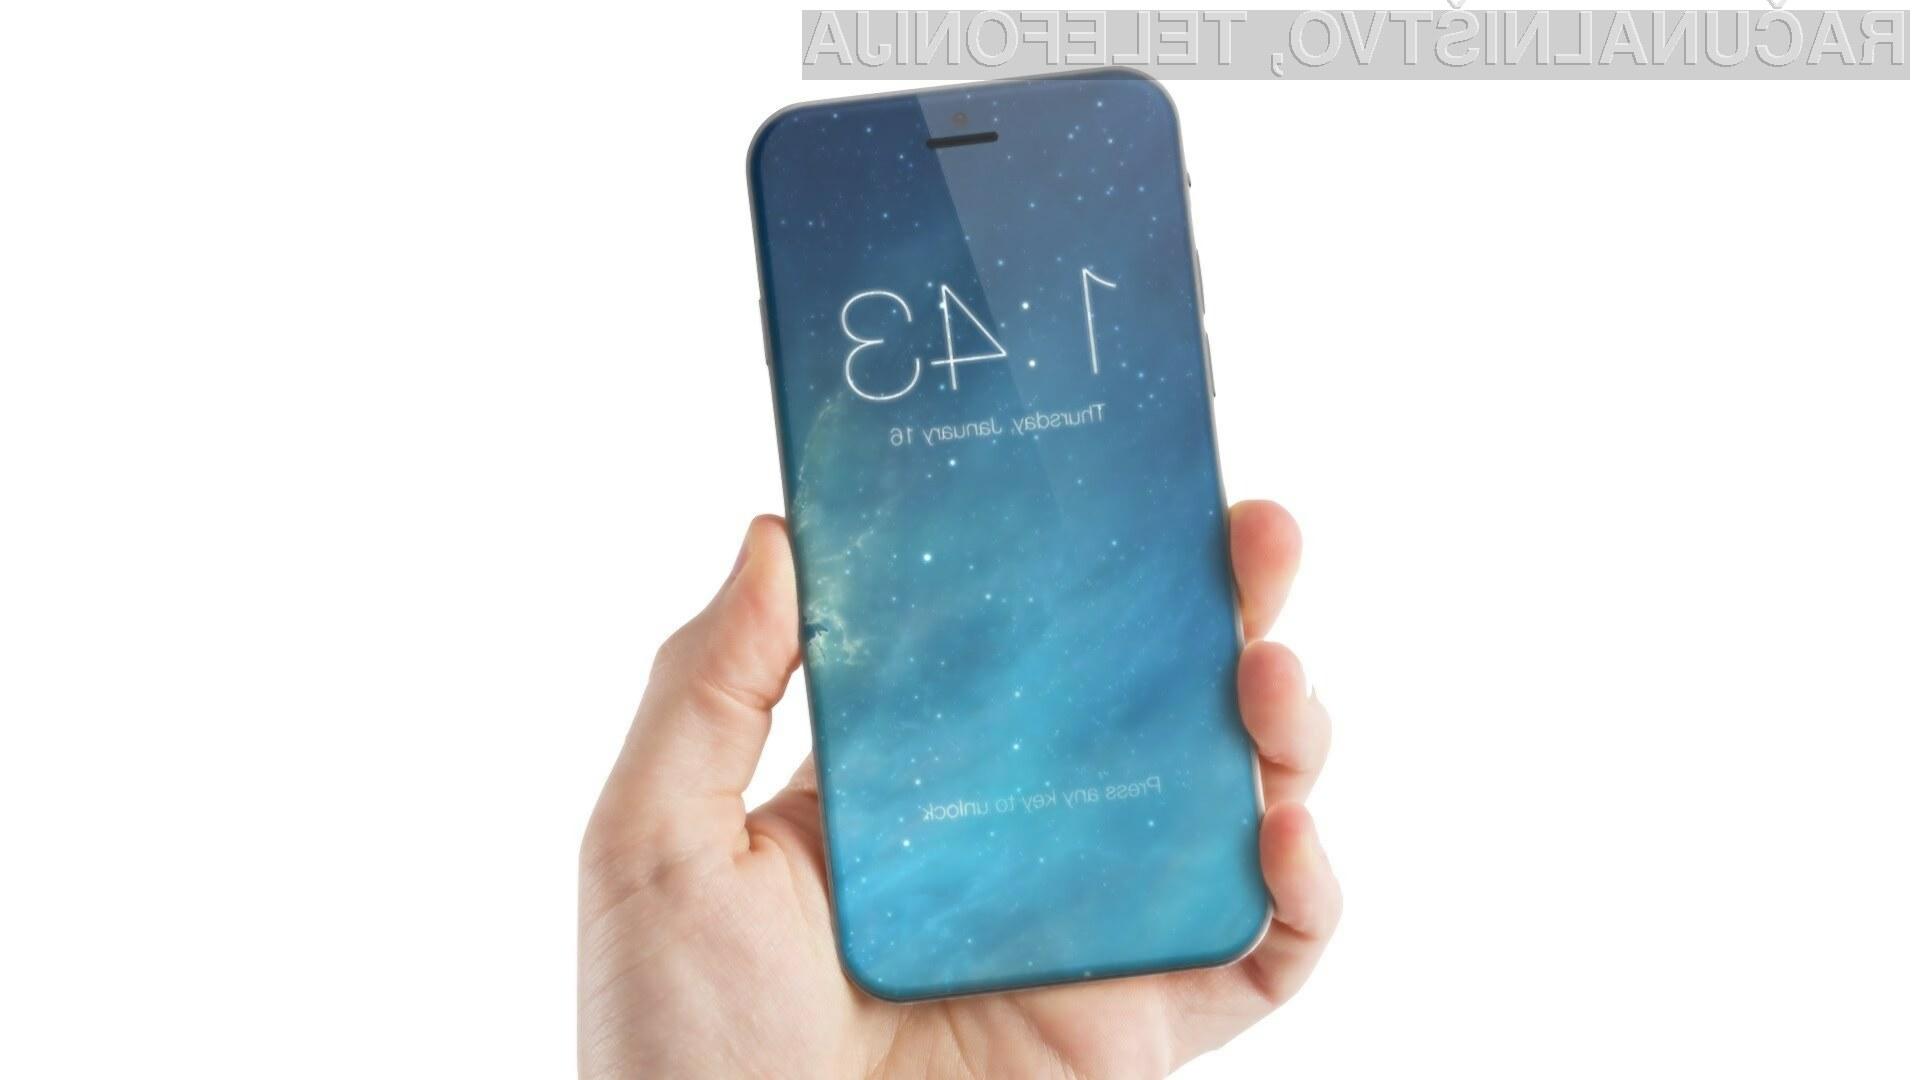 Novi iPhone bo opremljen celo s funkcijami, za katere danes morda sploh ne vemo, da jih potrebujemo.